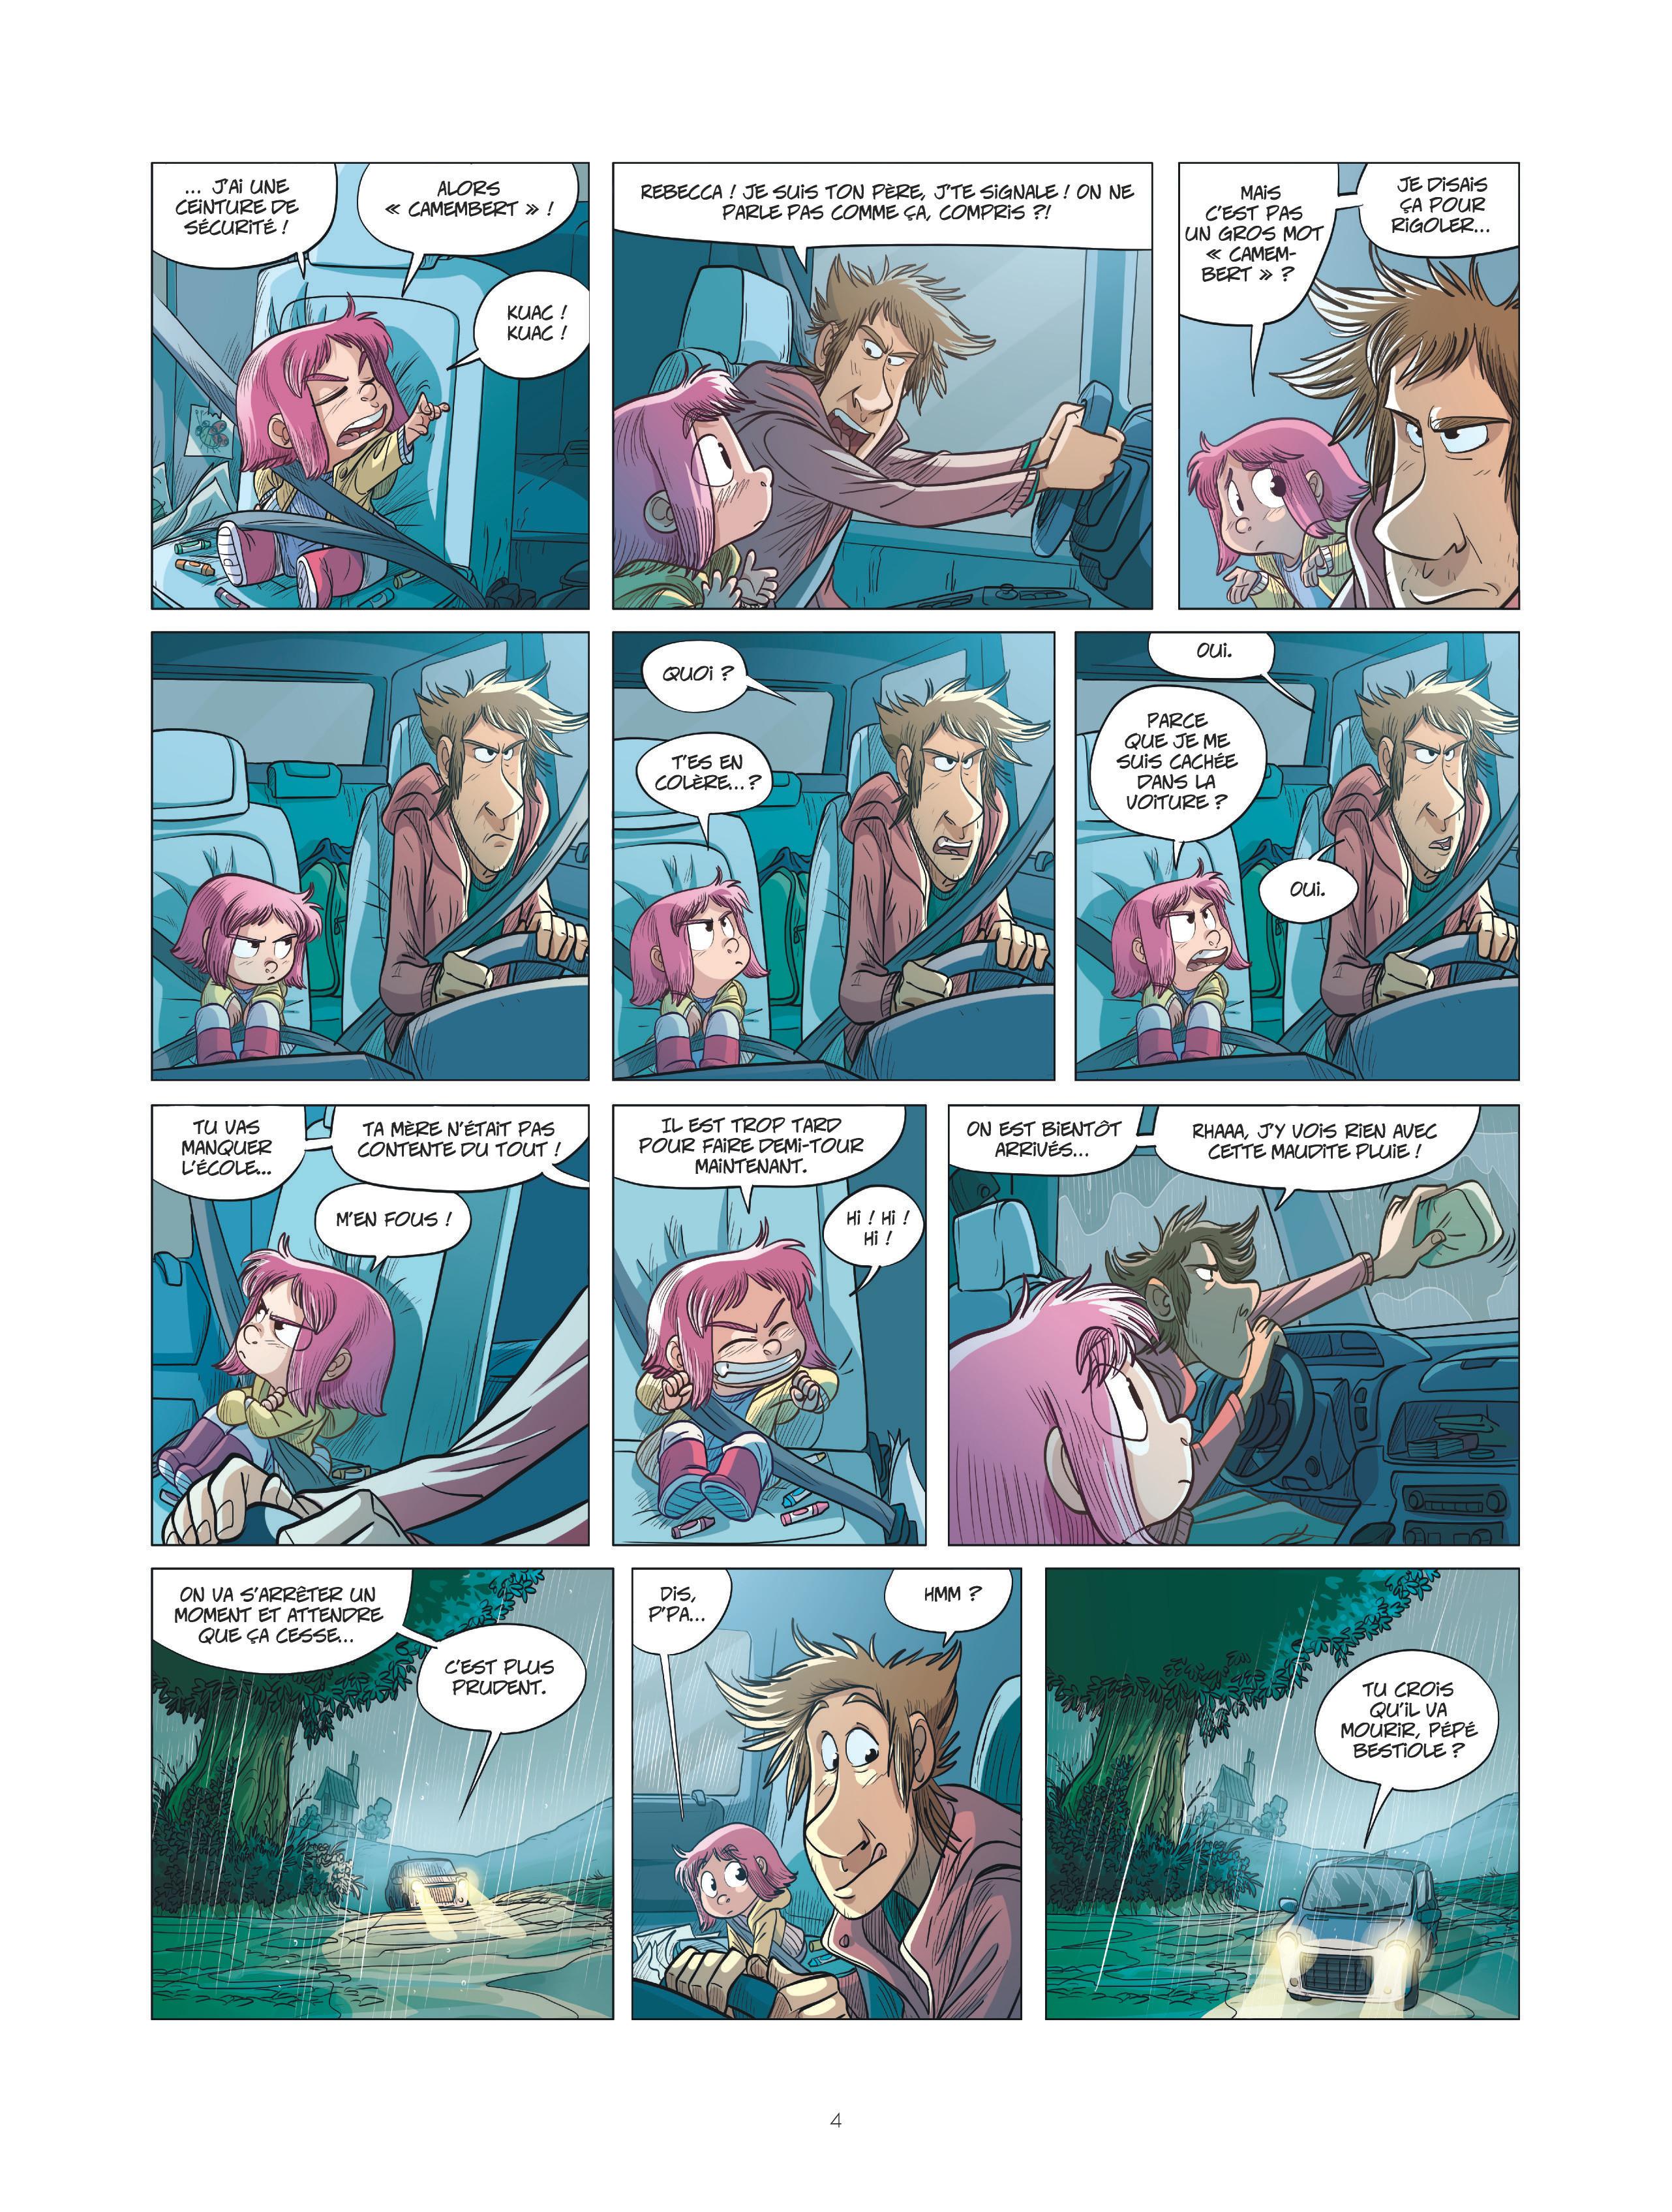 Ernest&Rebecca#6_Page 4